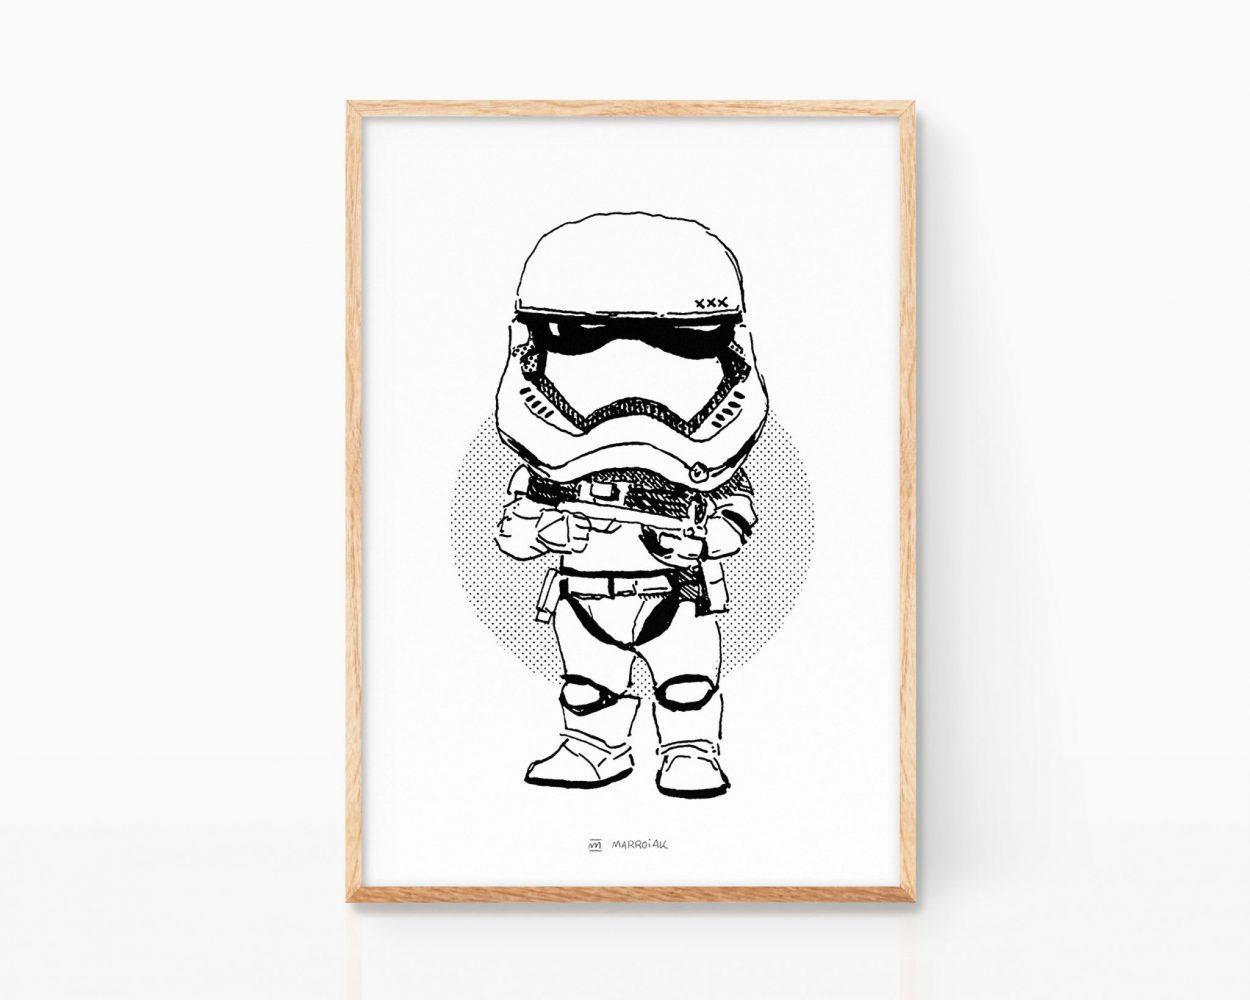 Lámina enmarcada con una ilustración de un Stormtrooper de la saga de películas Star Wars. Dibujo en blanco y negro. Decoración geek Guerra de las galaxias.